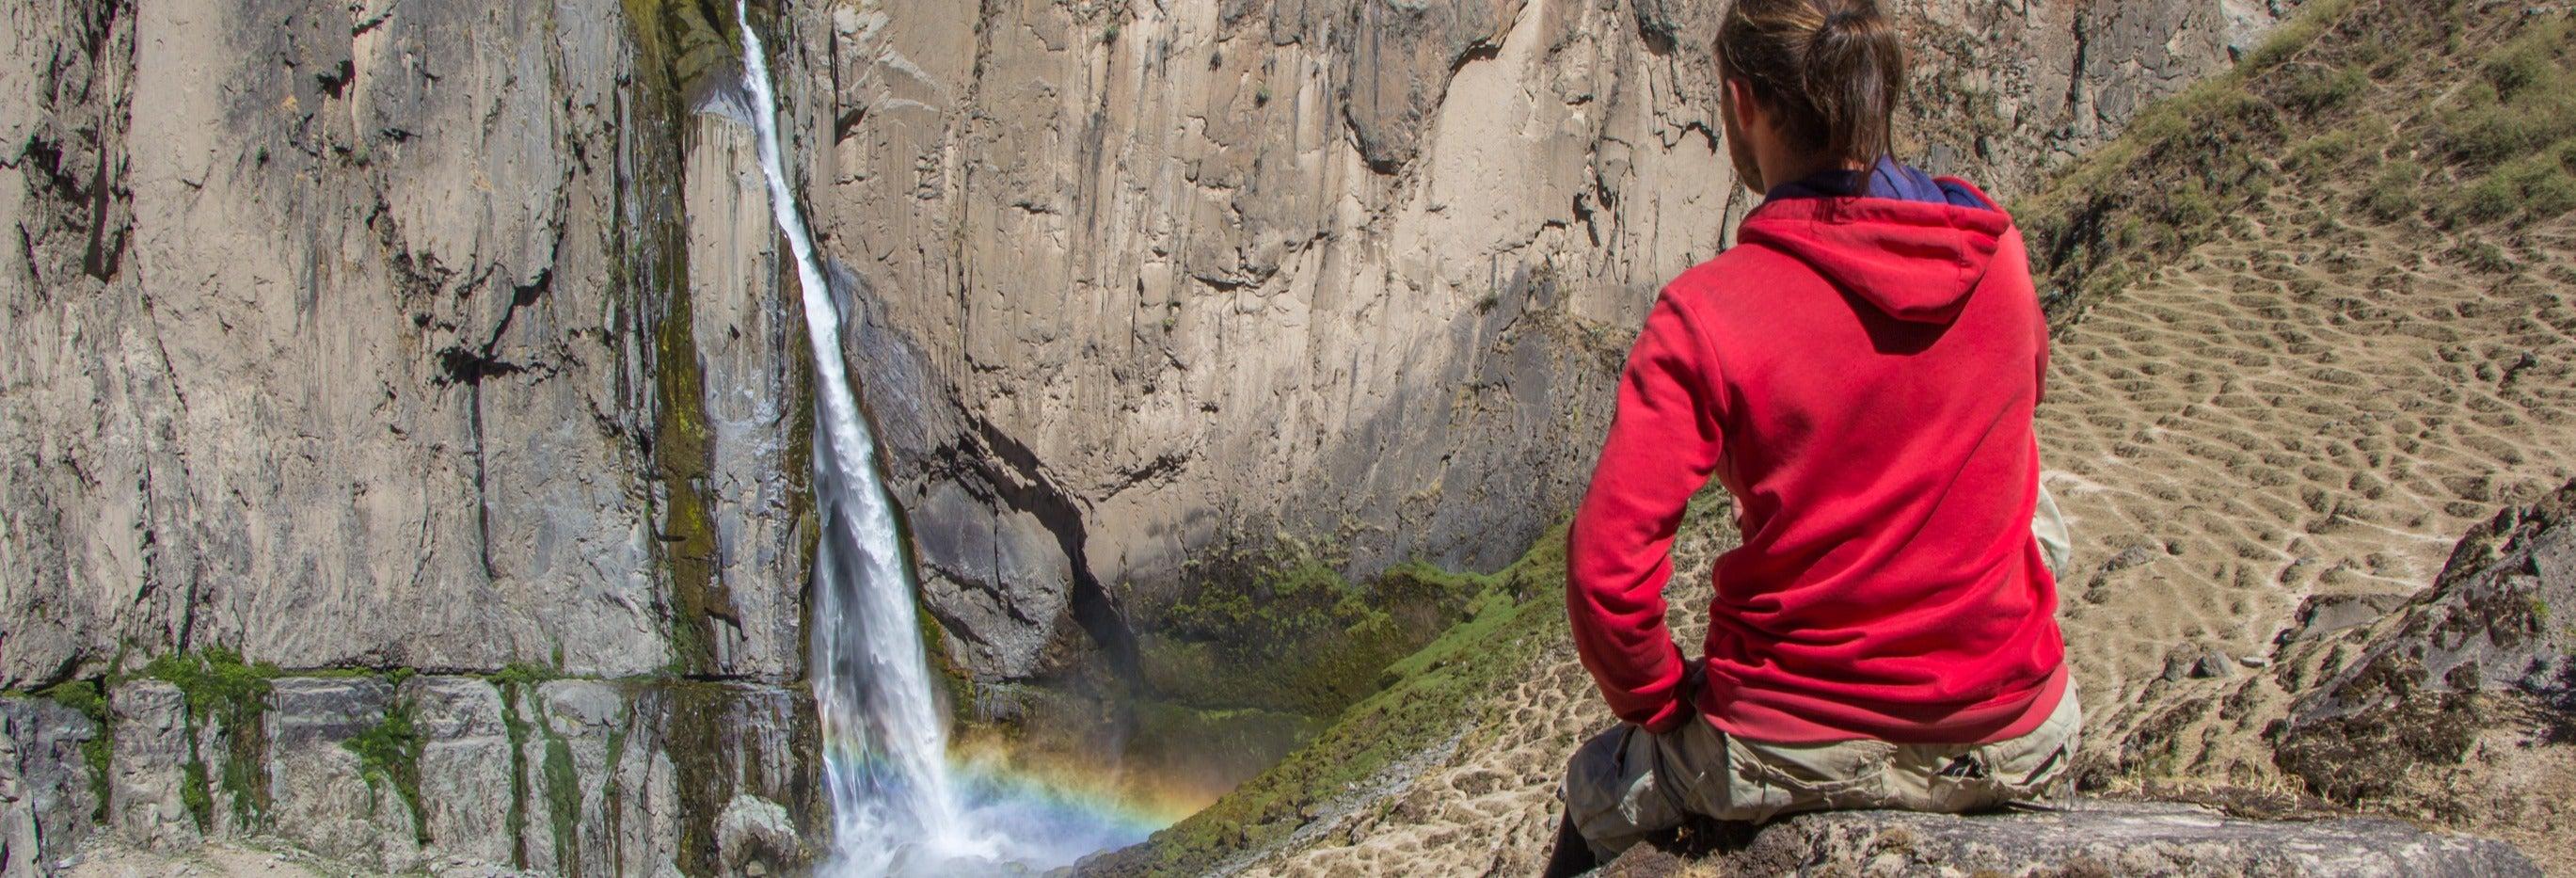 Excursion aux cascades de Capua et aux thermes de Yura